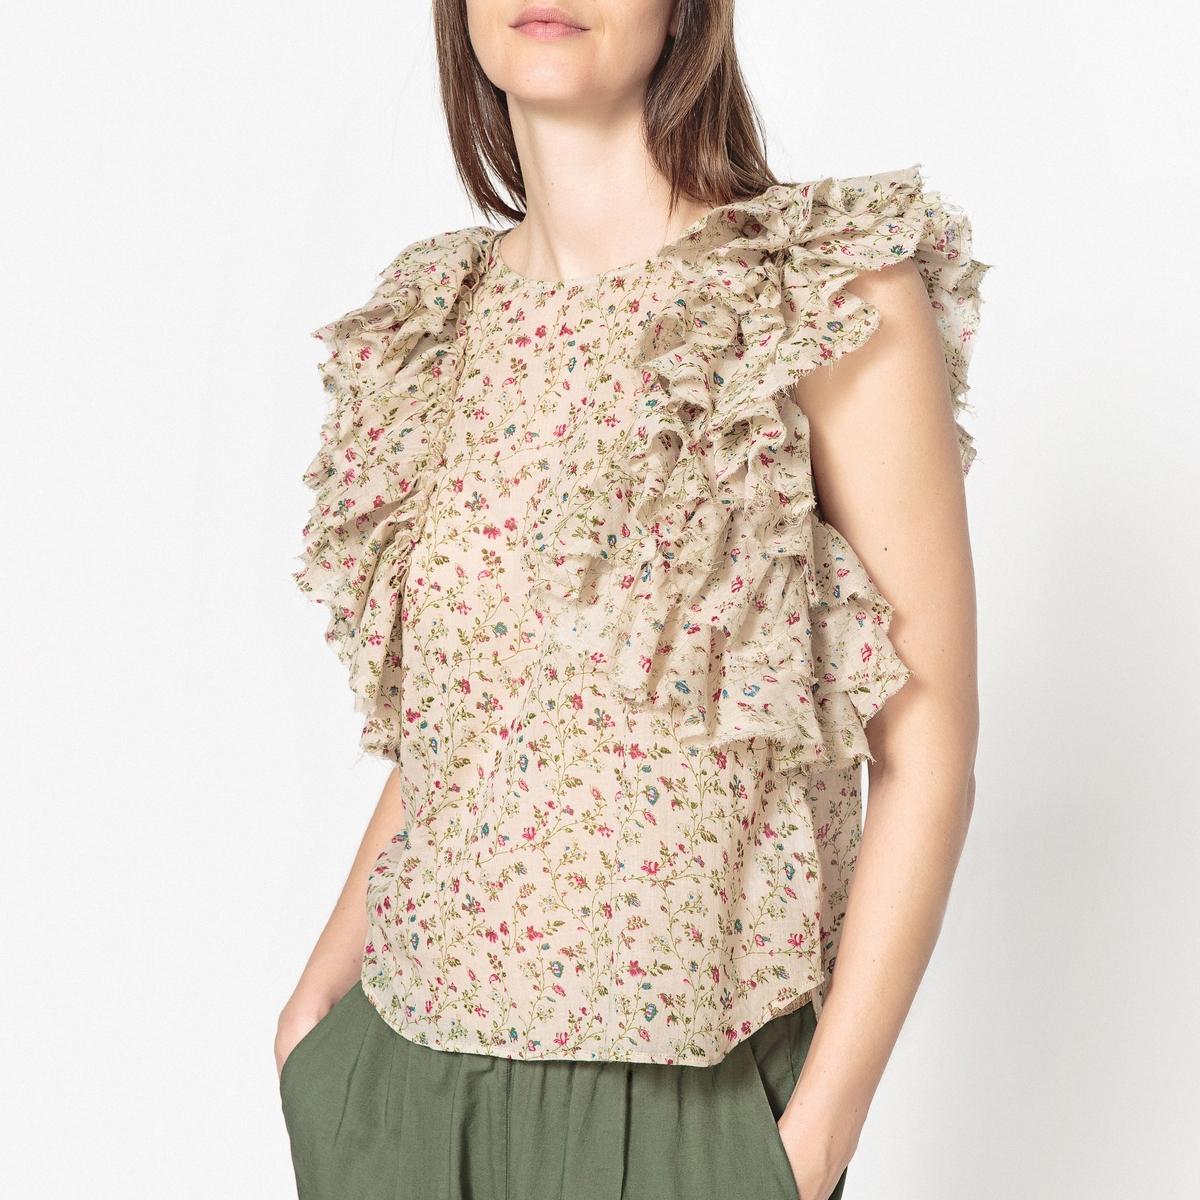 Блузка с принтом и воланами без рукавов BULB от LAURENCE BRAS